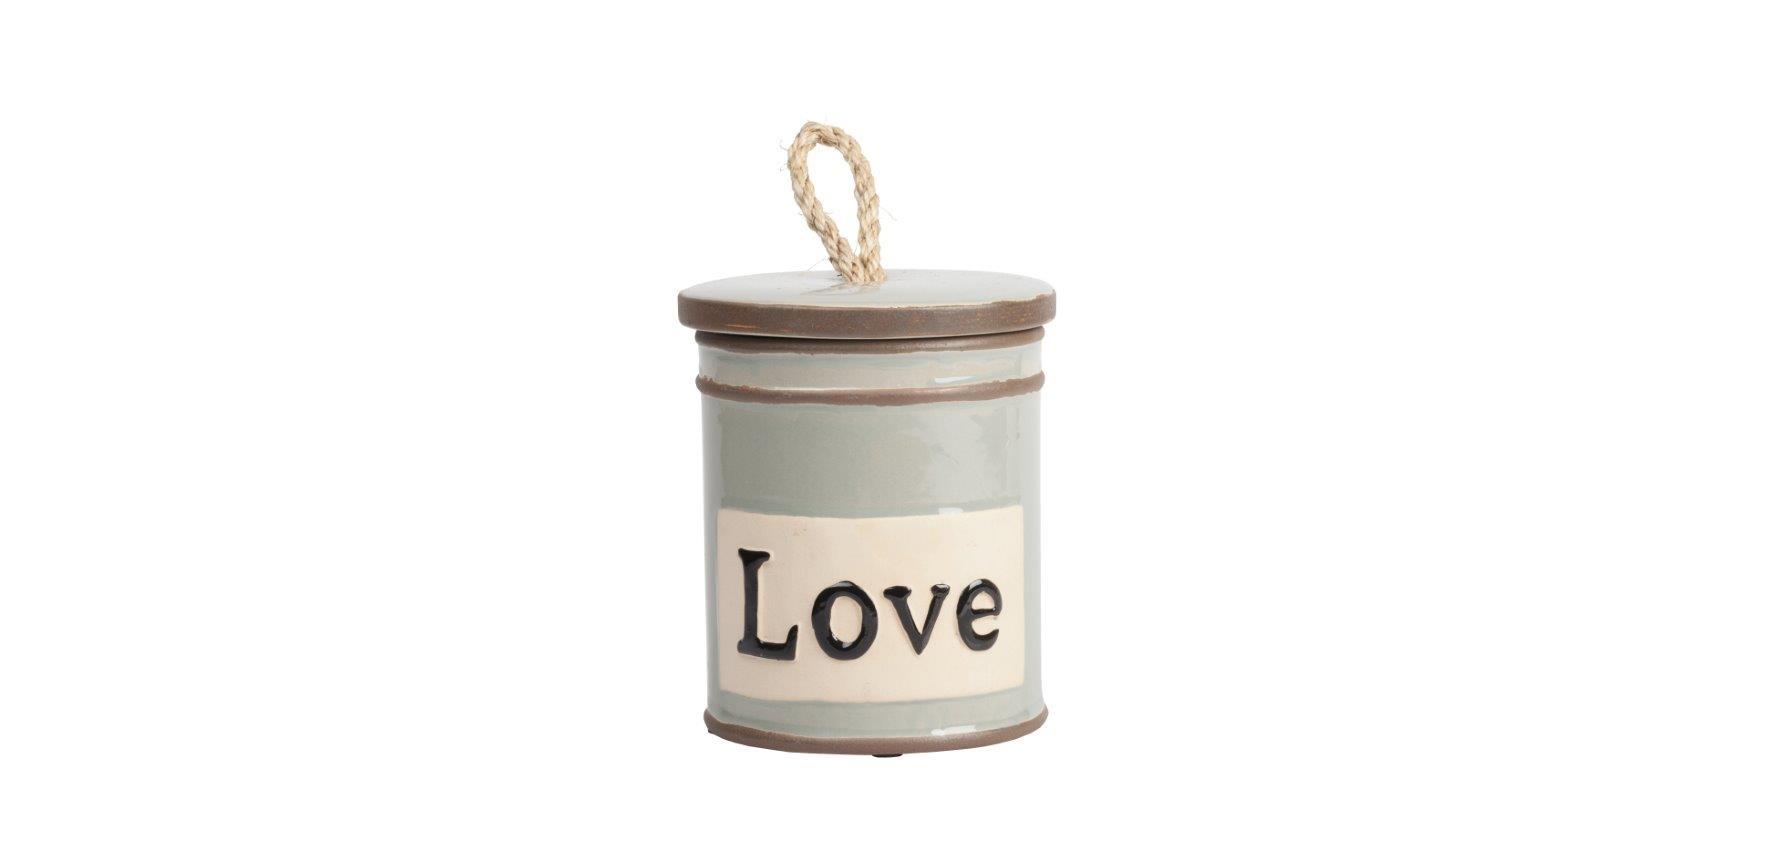 Емкость для хранения LoveЕмкости для хранения<br>Ёмкость для хранения Love — это оригинальный, современный и стильный предмет декорирования кухни, который непременно придется по вкусу каждой хозяйке. Банка имеет весьма простую форму, однако детали — надпись на поверхности Love (Любовь) и ручка на крышке из бечевки — придают особый шарм аксессуару. Ёмкость идеально подходит как для украшения помещения, так и для хранения сыпучих продуктов питания, специй и круп.<br><br>Material: Керамика<br>Height см: 15<br>Diameter см: 13